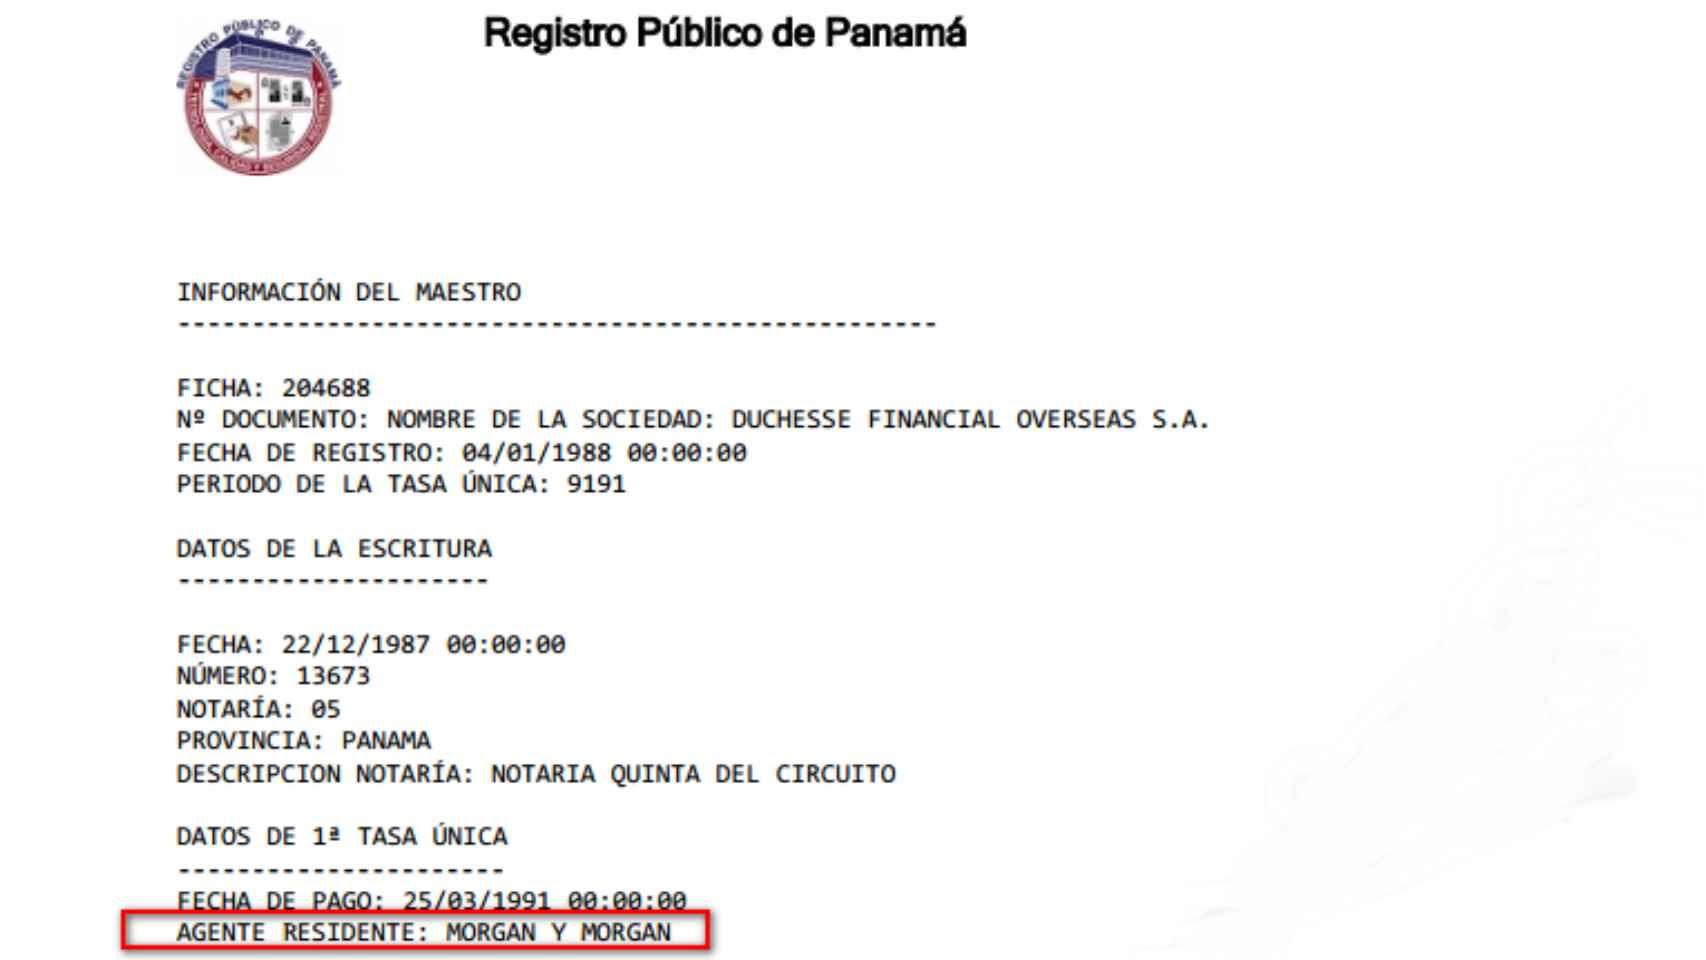 Documento del registro público panameño.